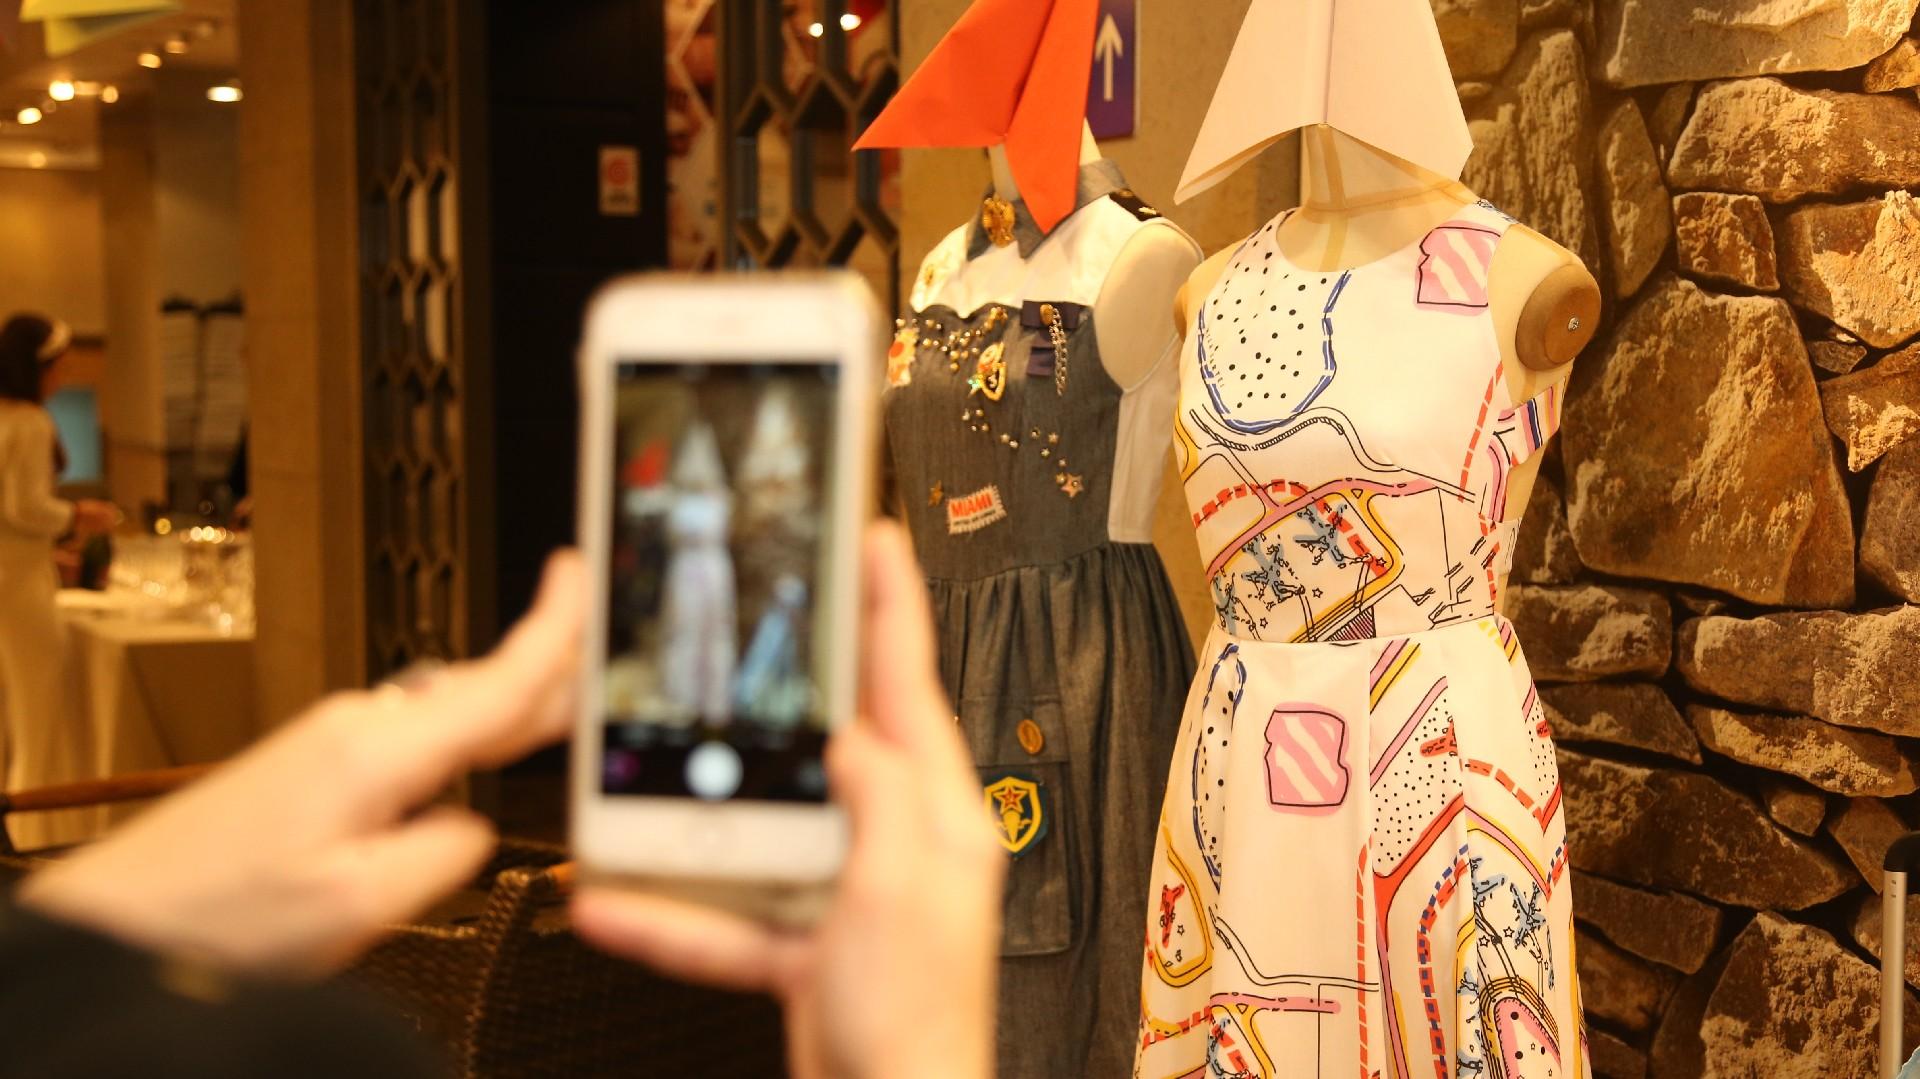 Los diseños de moda exhibidos en las vidrieras de las tiendas deco, que acapararon las miradas del público